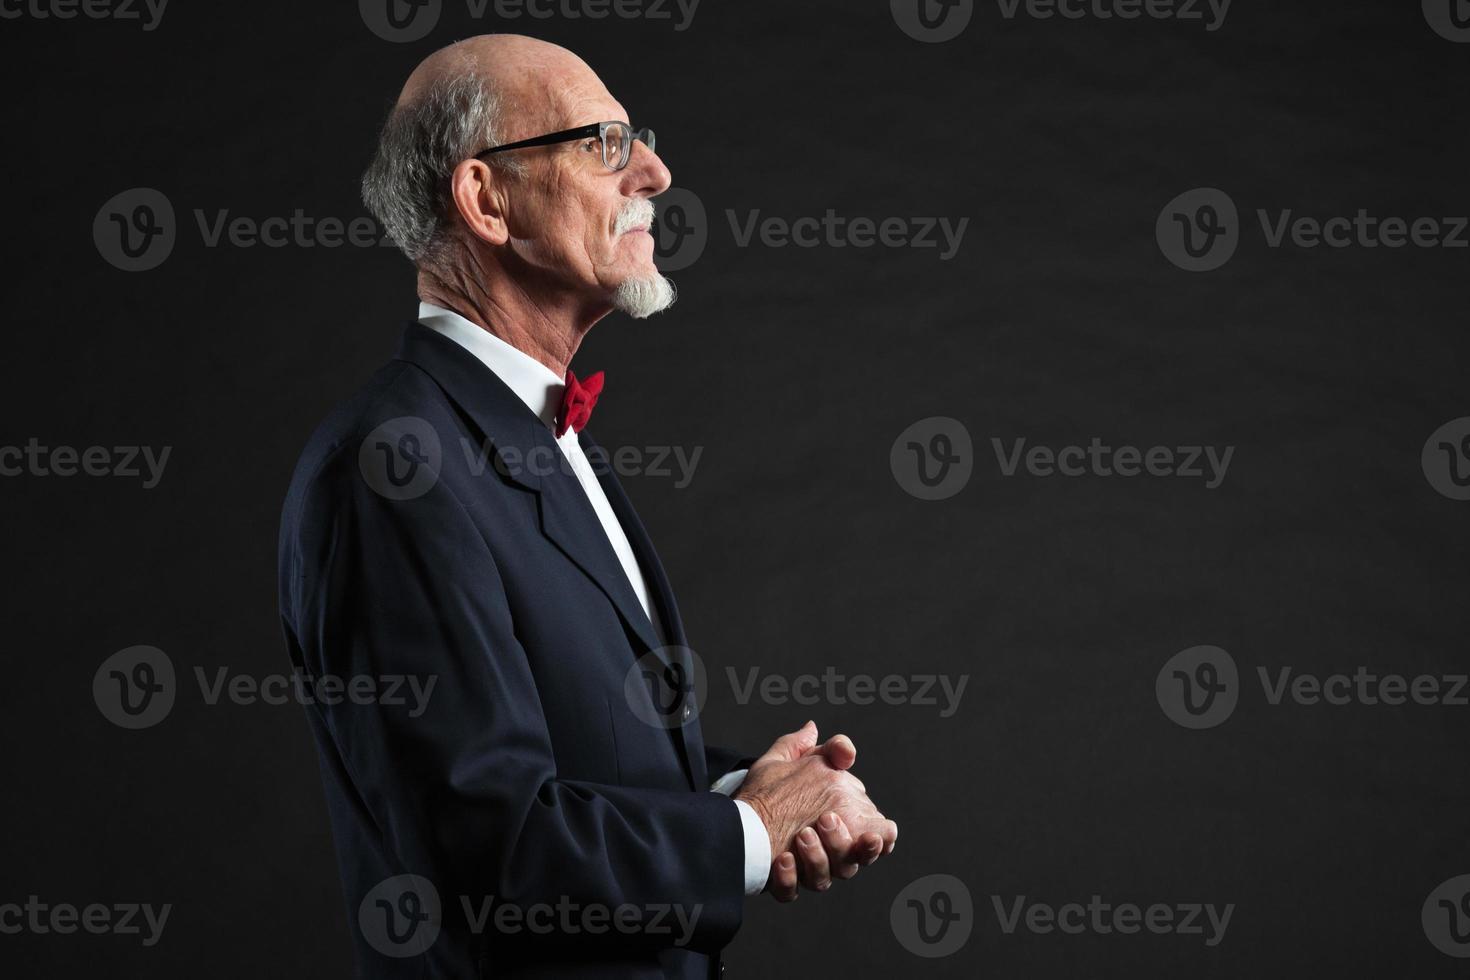 sênior homem vestindo terno e gravata vermelha. tiro do estúdio. foto